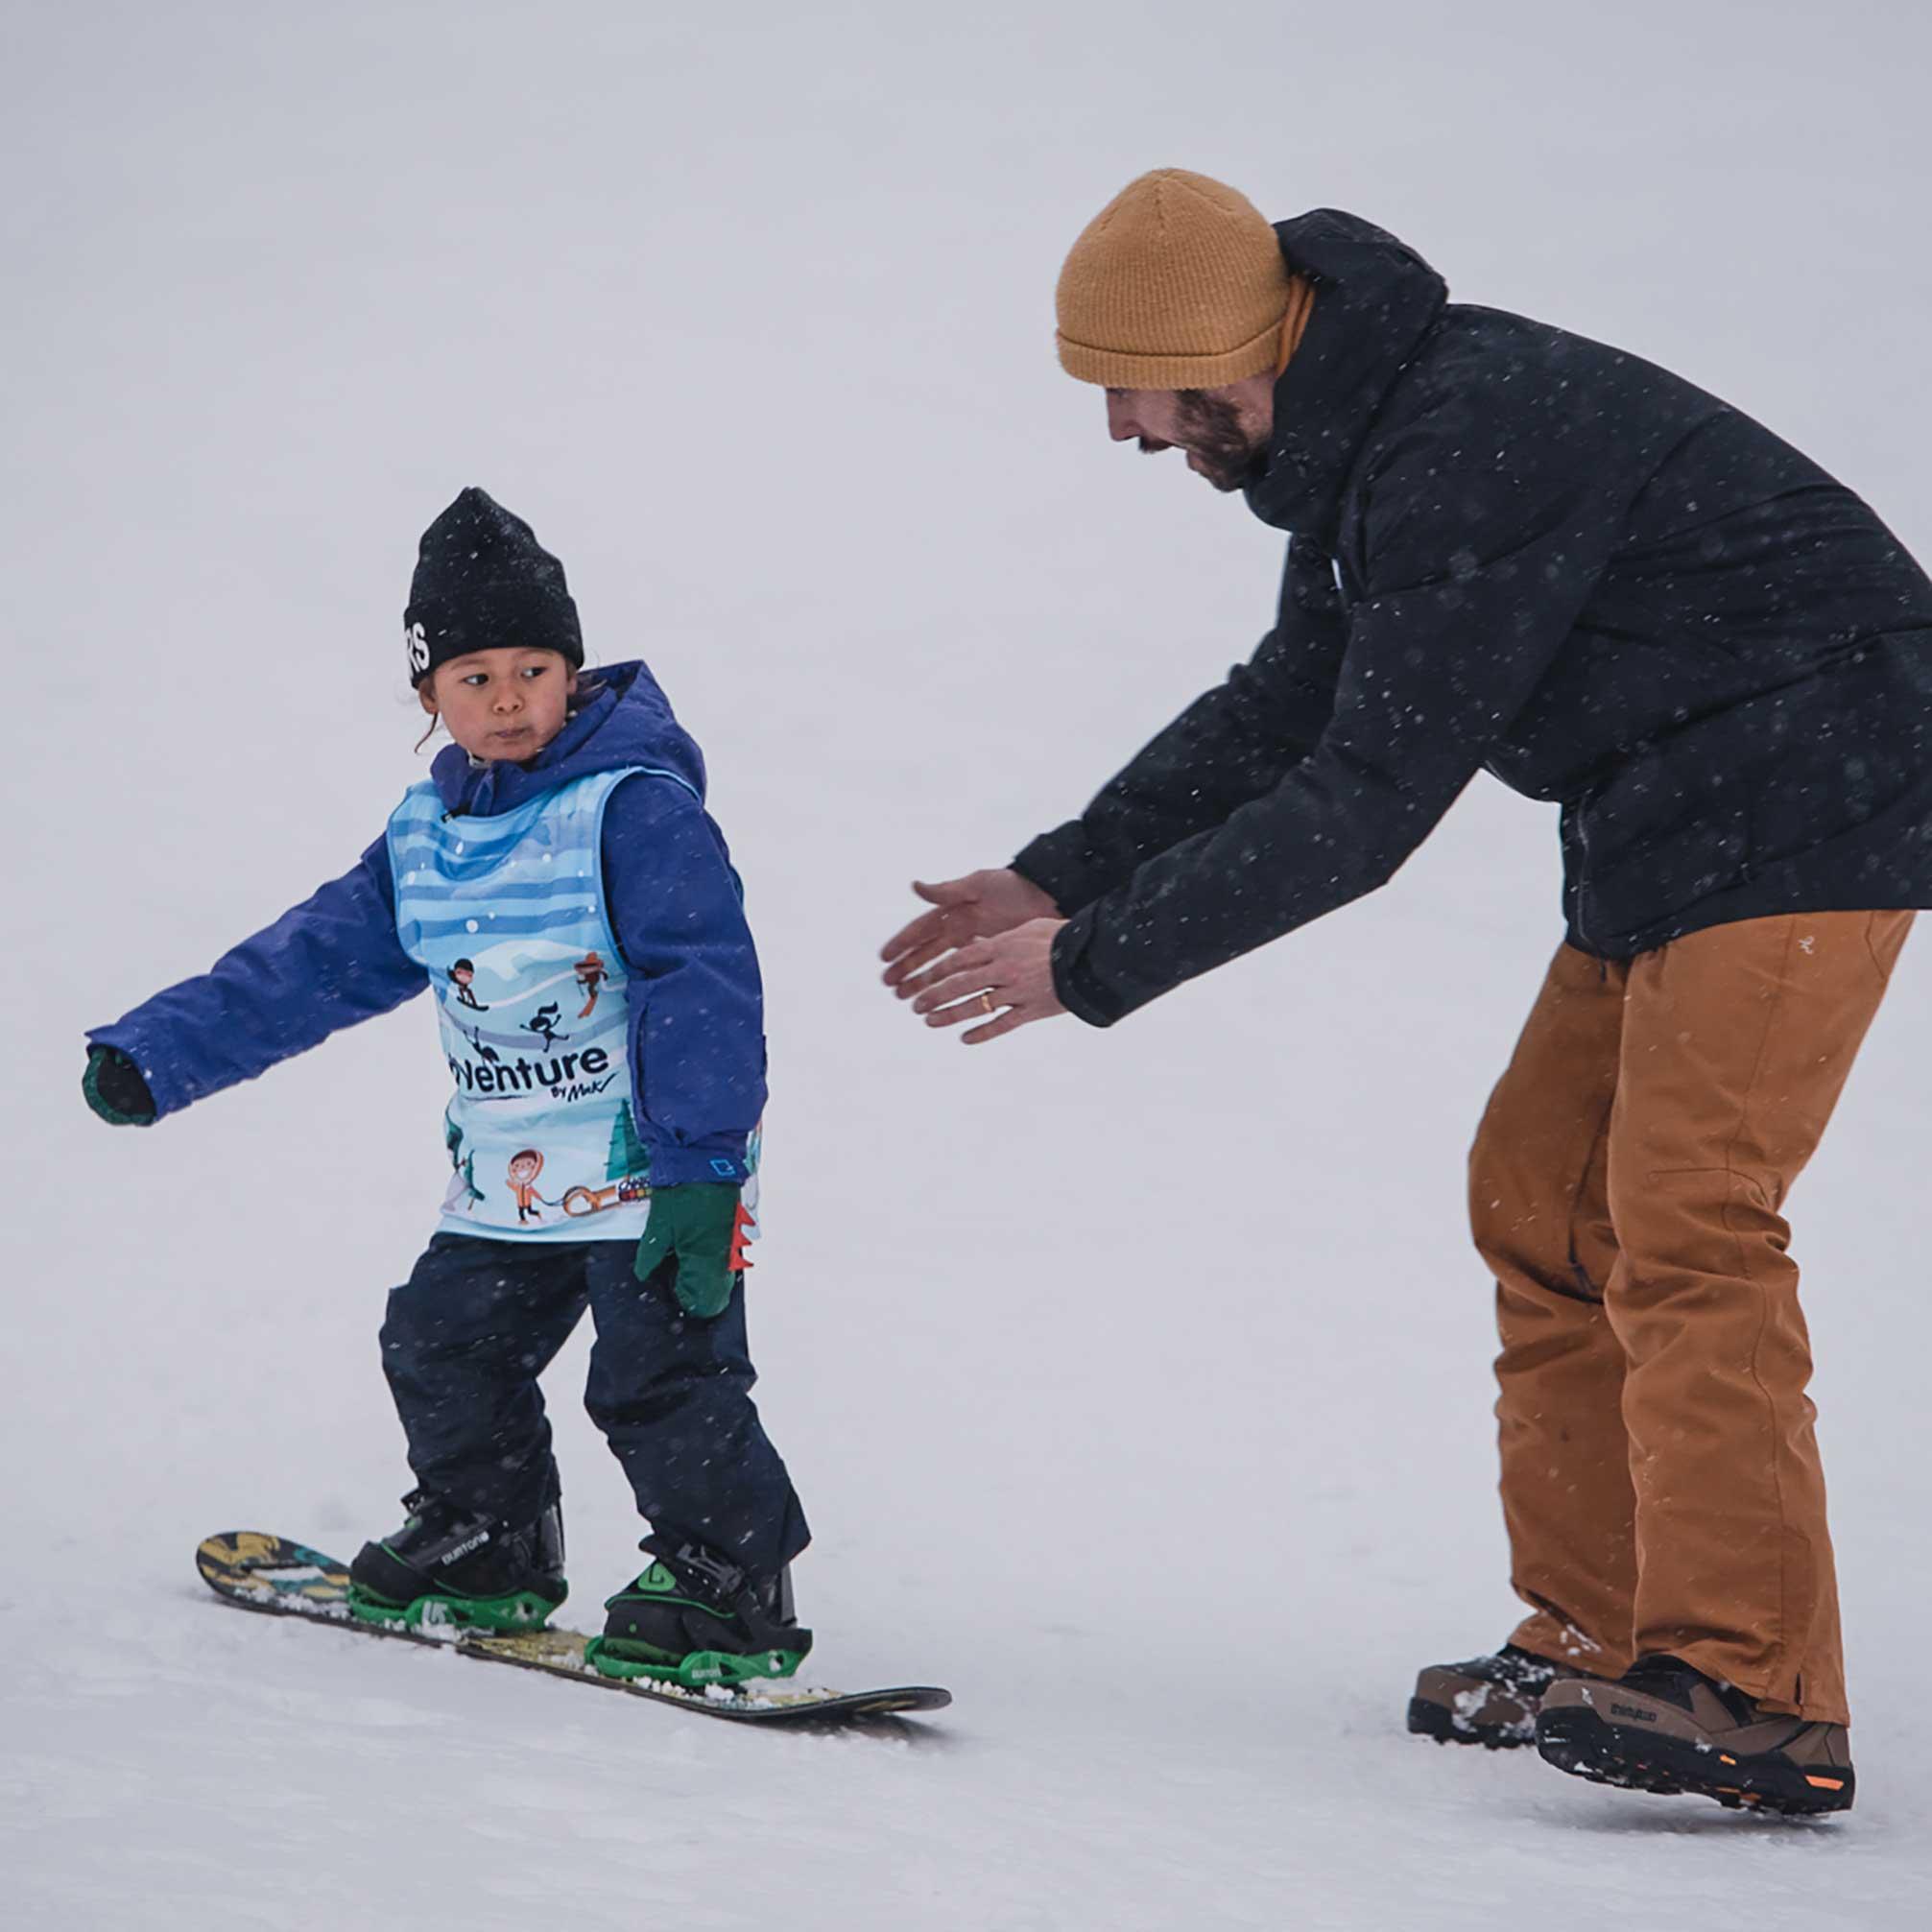 Full Day Private Snowboard Lesson